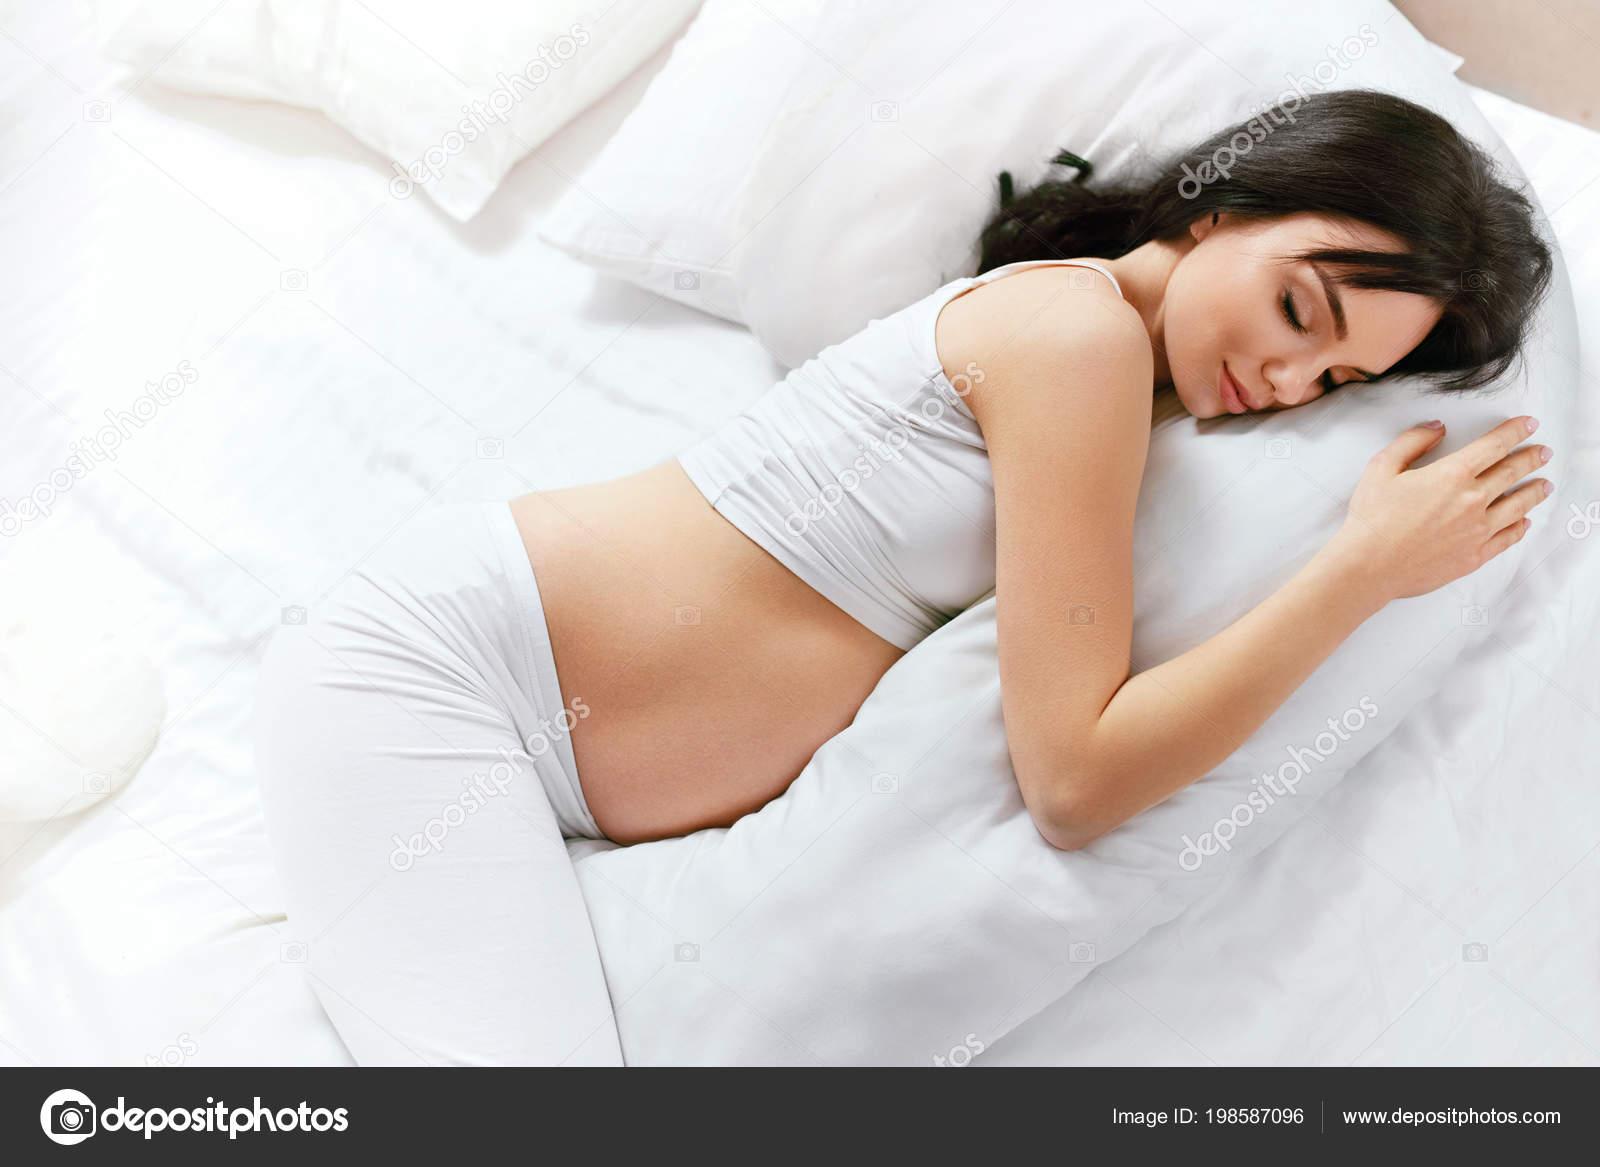 Body pillow zwangere vrouw slapen zwangerschap kussen witte bed